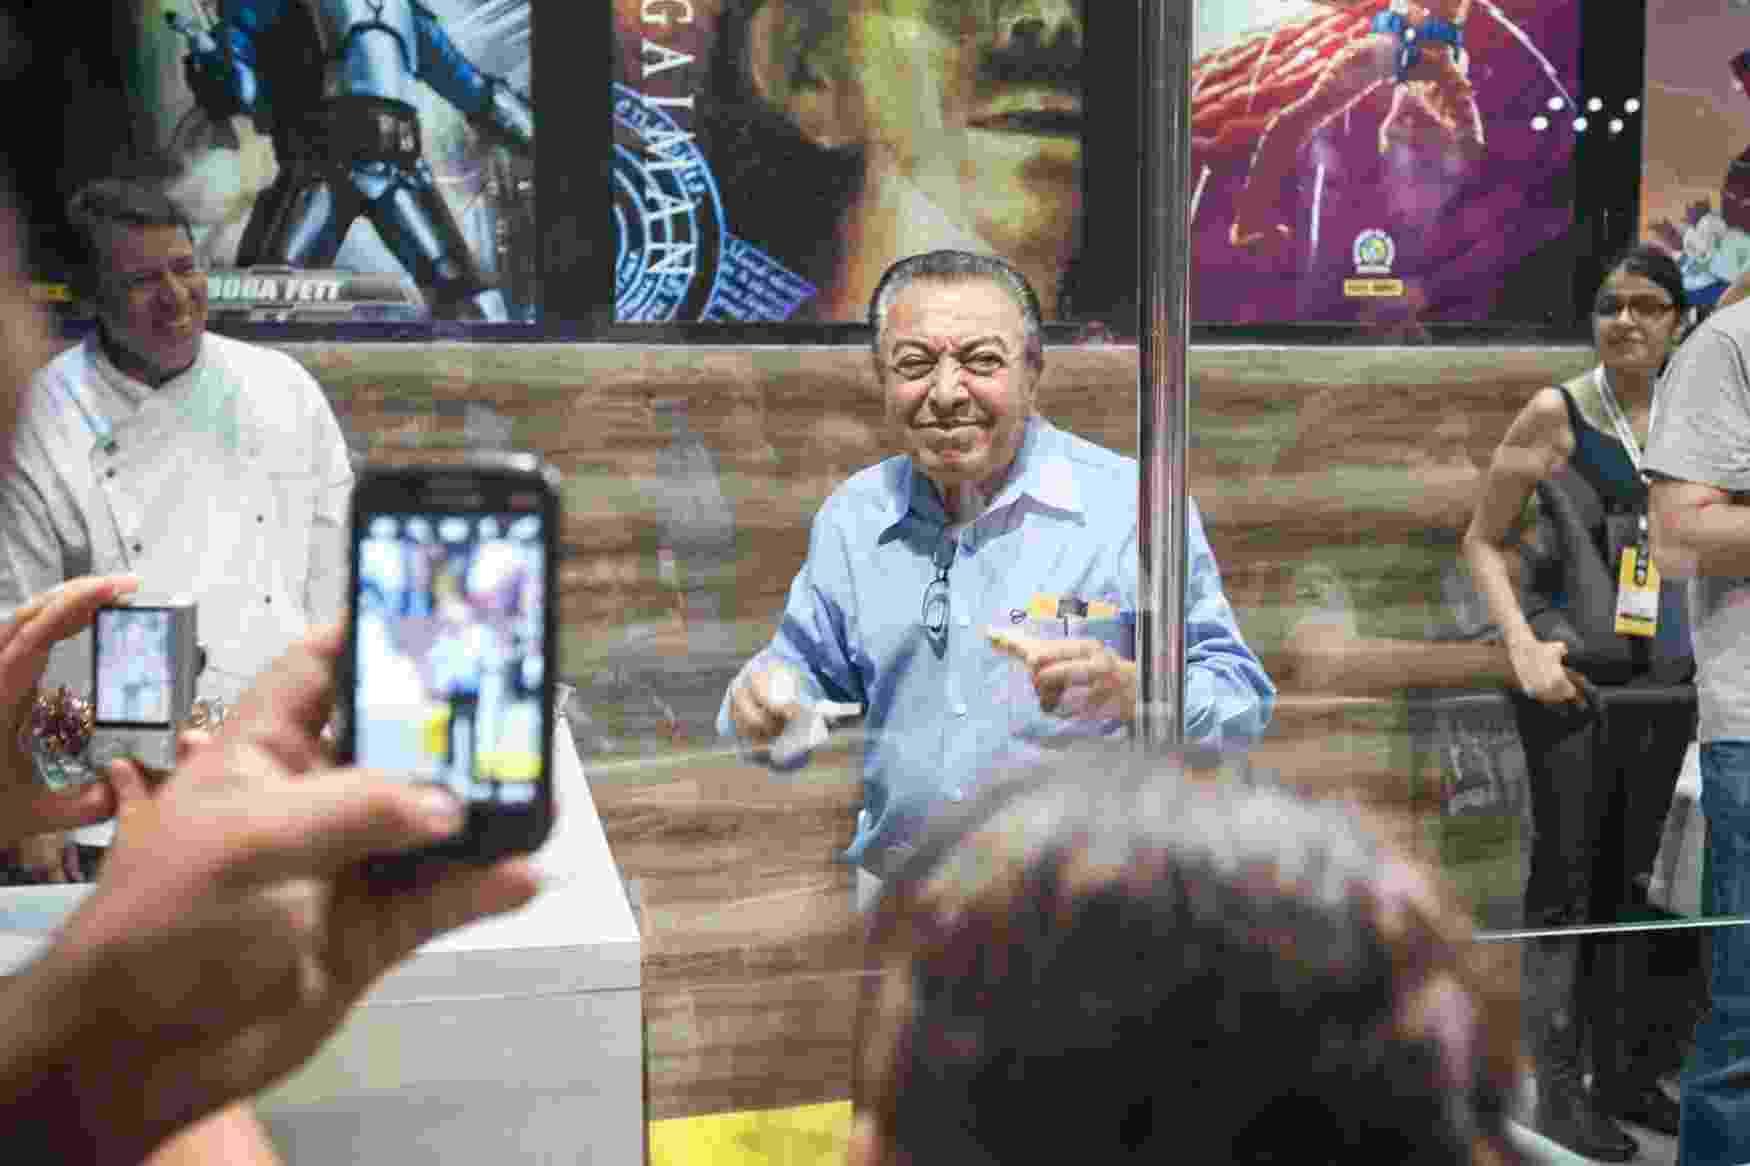 4.dez.2015 - Fãs fotografam o quadrinista Mauricio de Sousa durante sua passagem pela Comic Con Experience - Lucas Lima/UOL